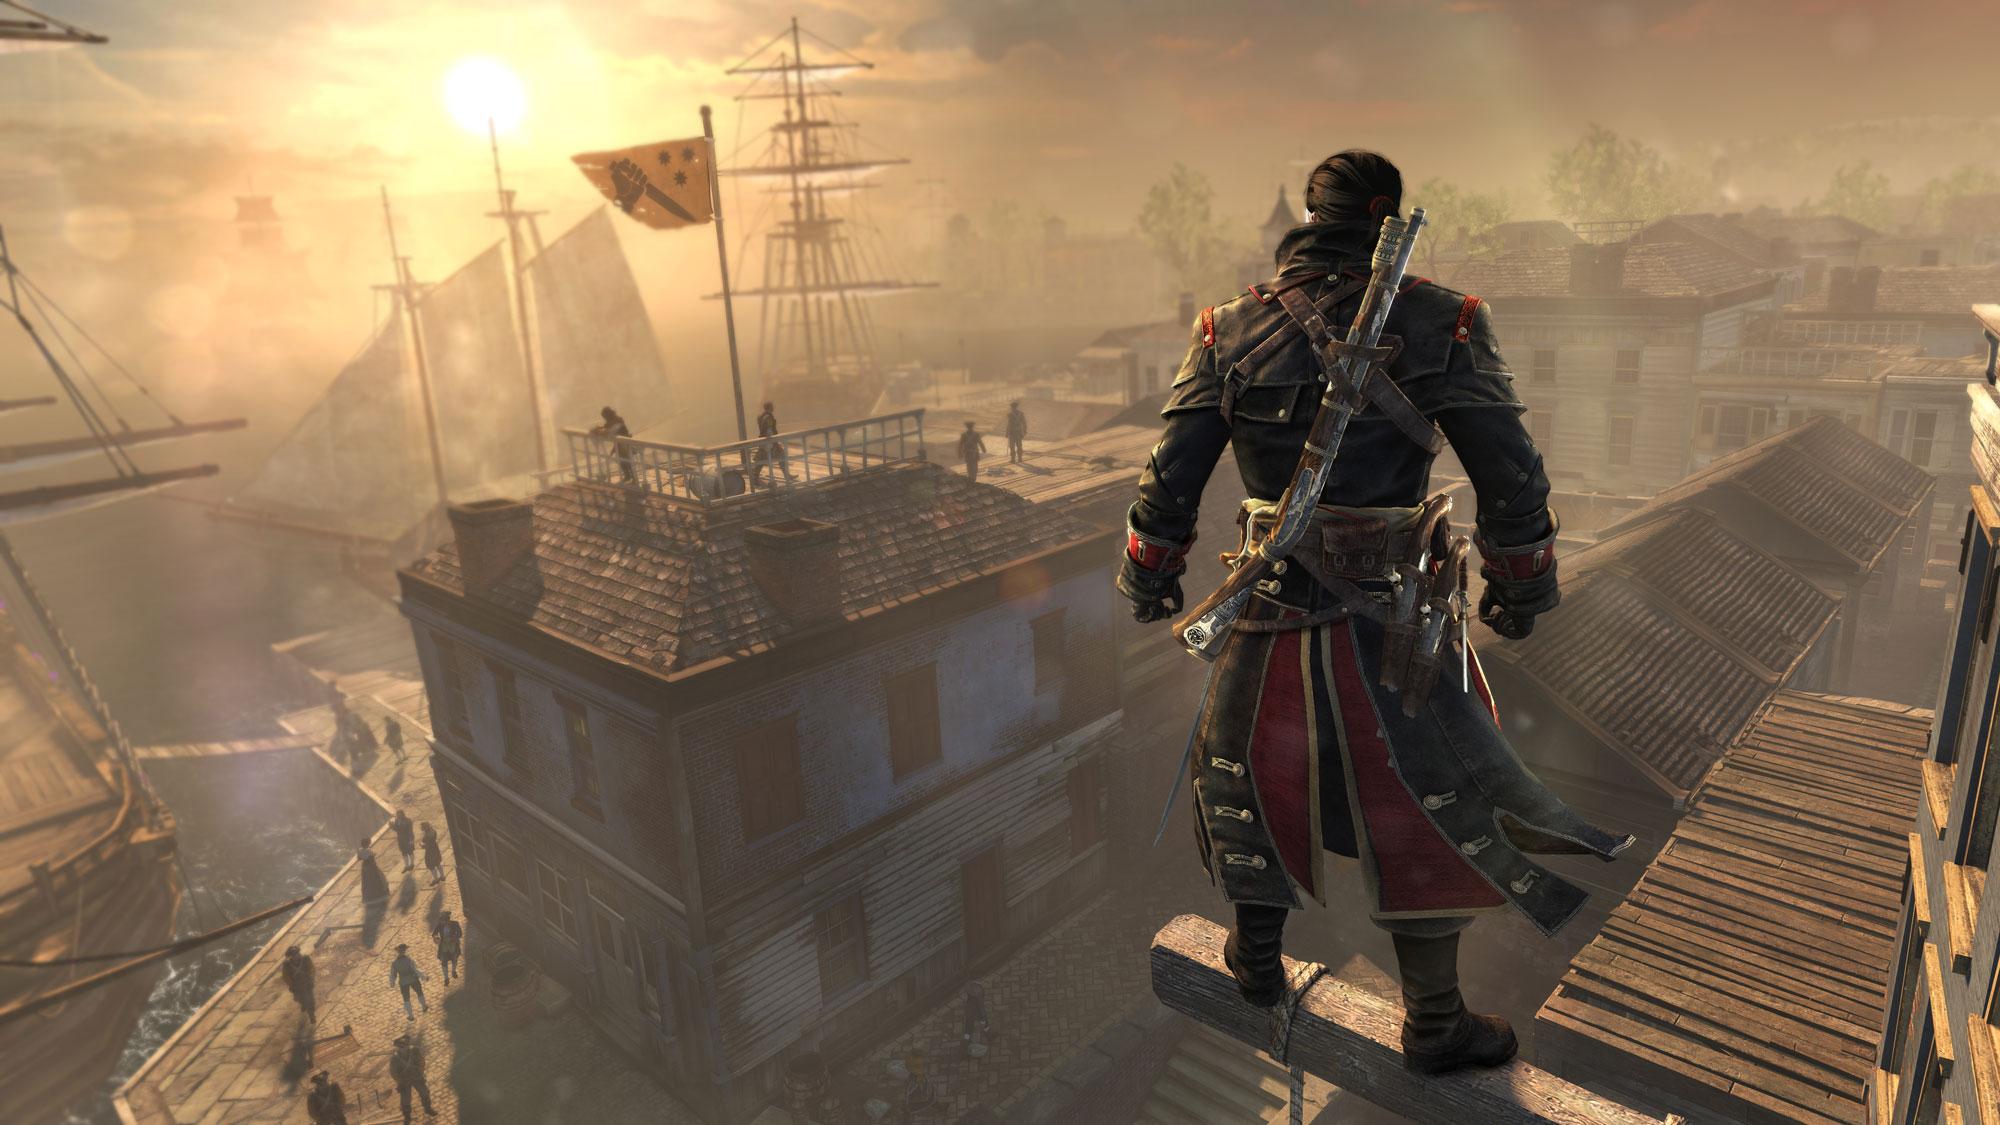 Assassins-Creed-Rogue-3